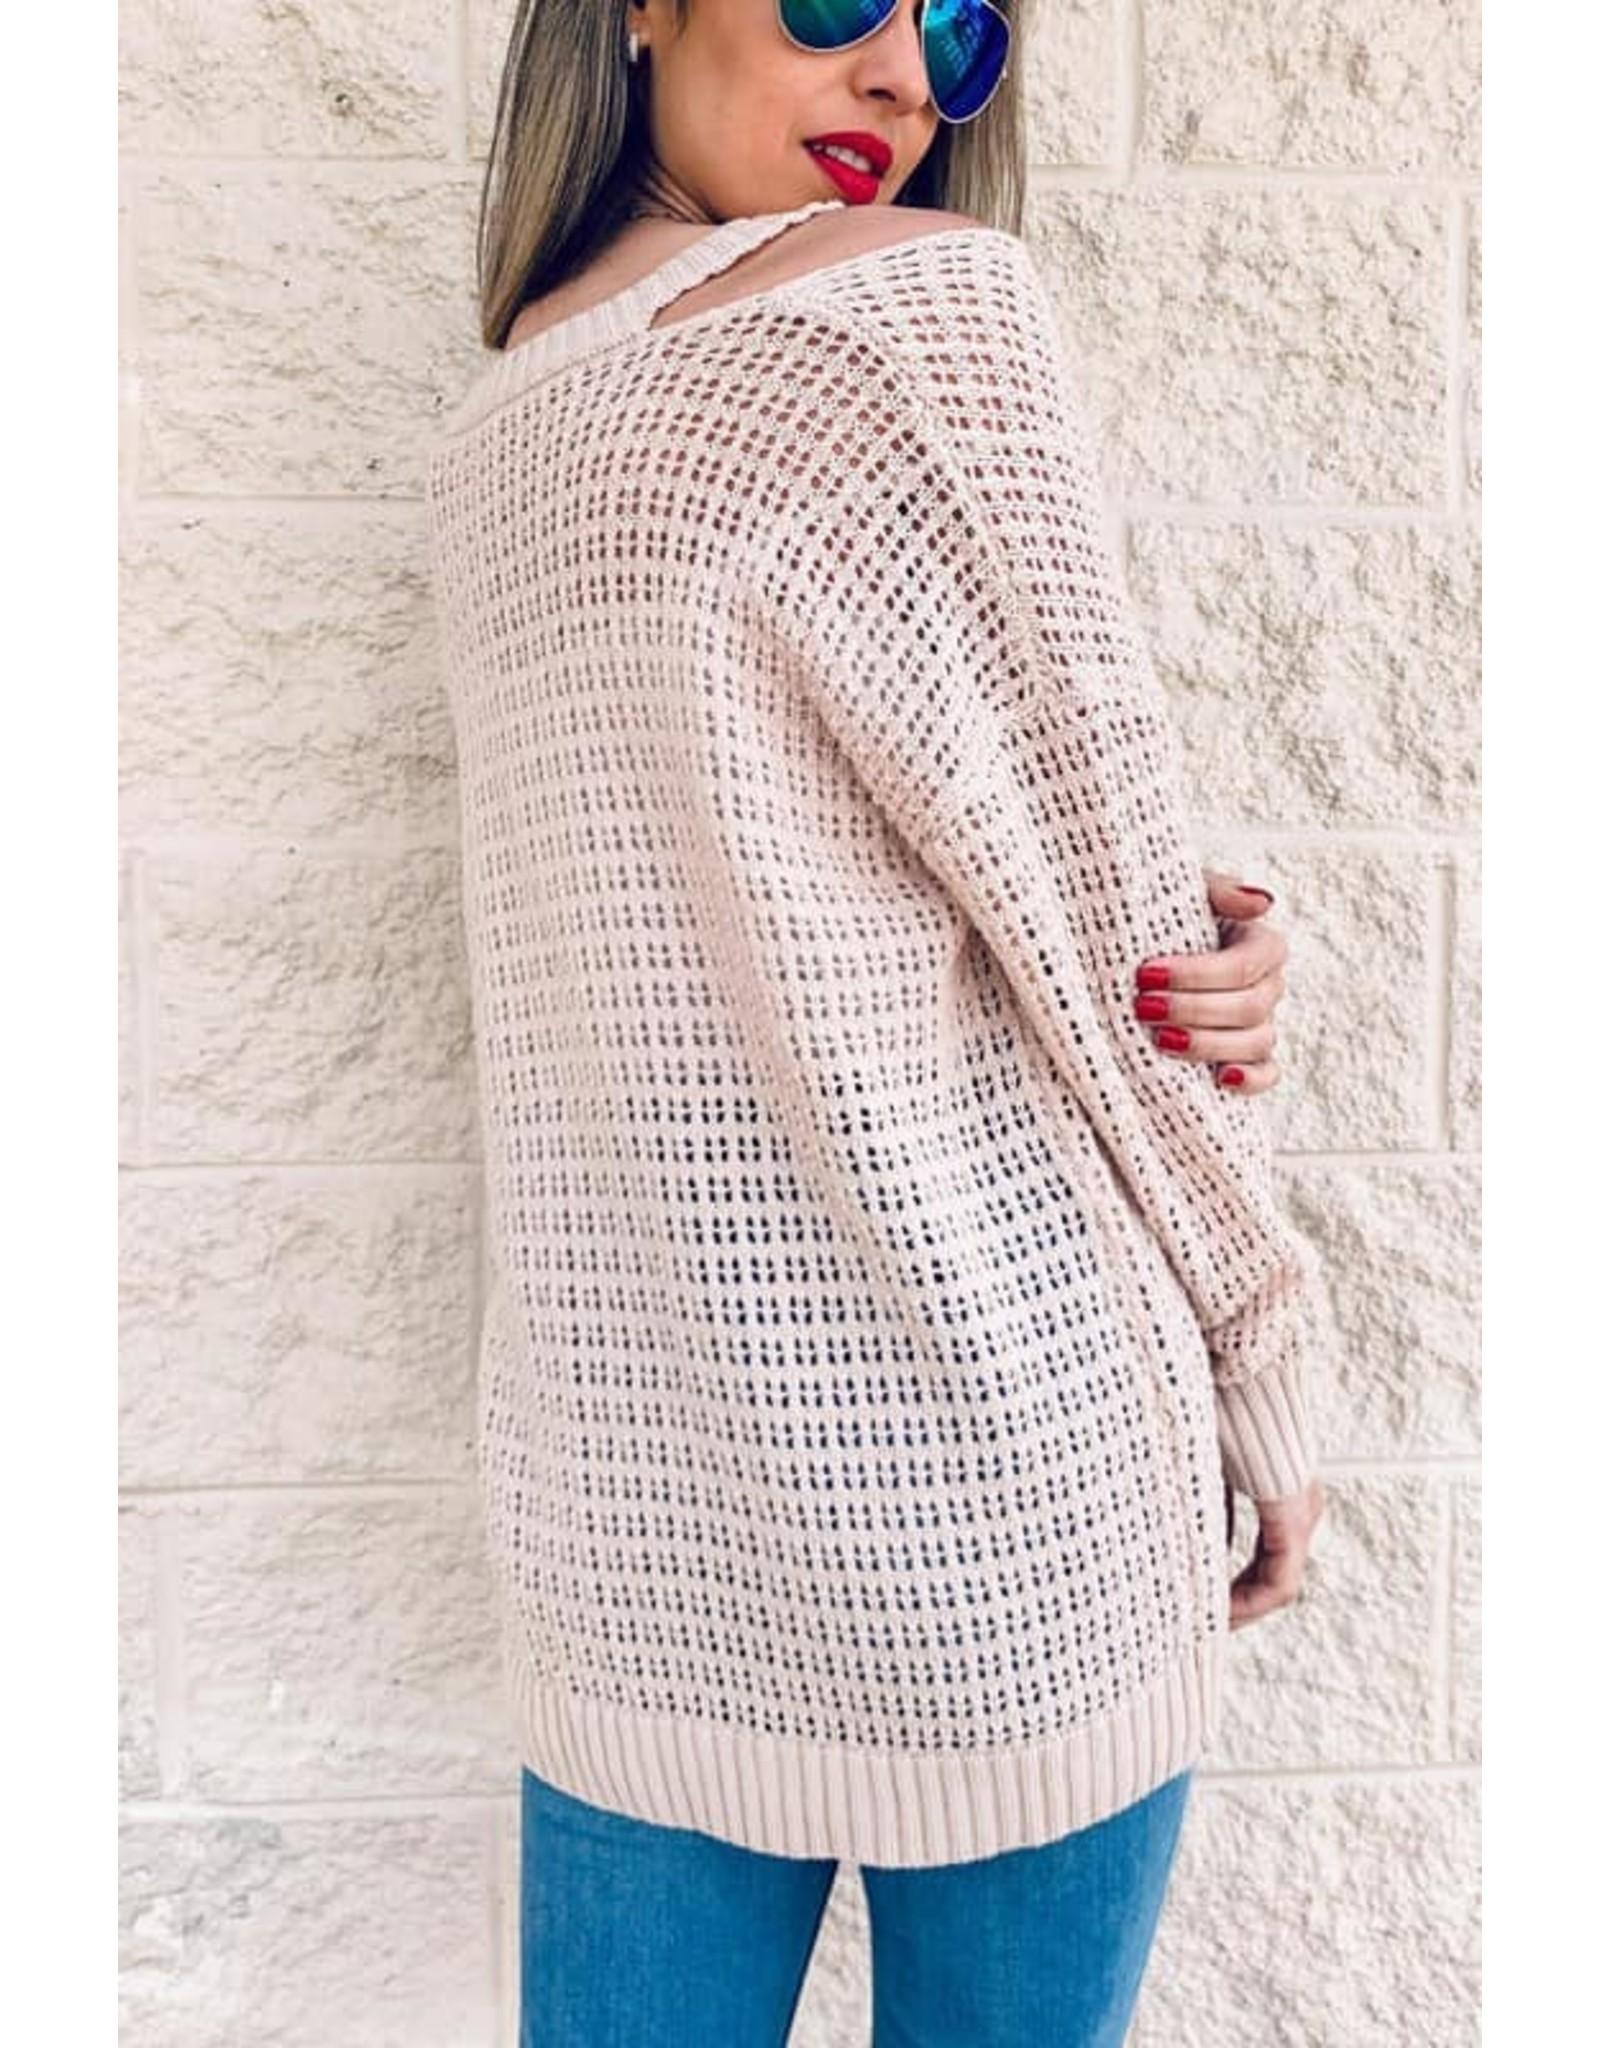 Textured Cold Shoulder Knit Top